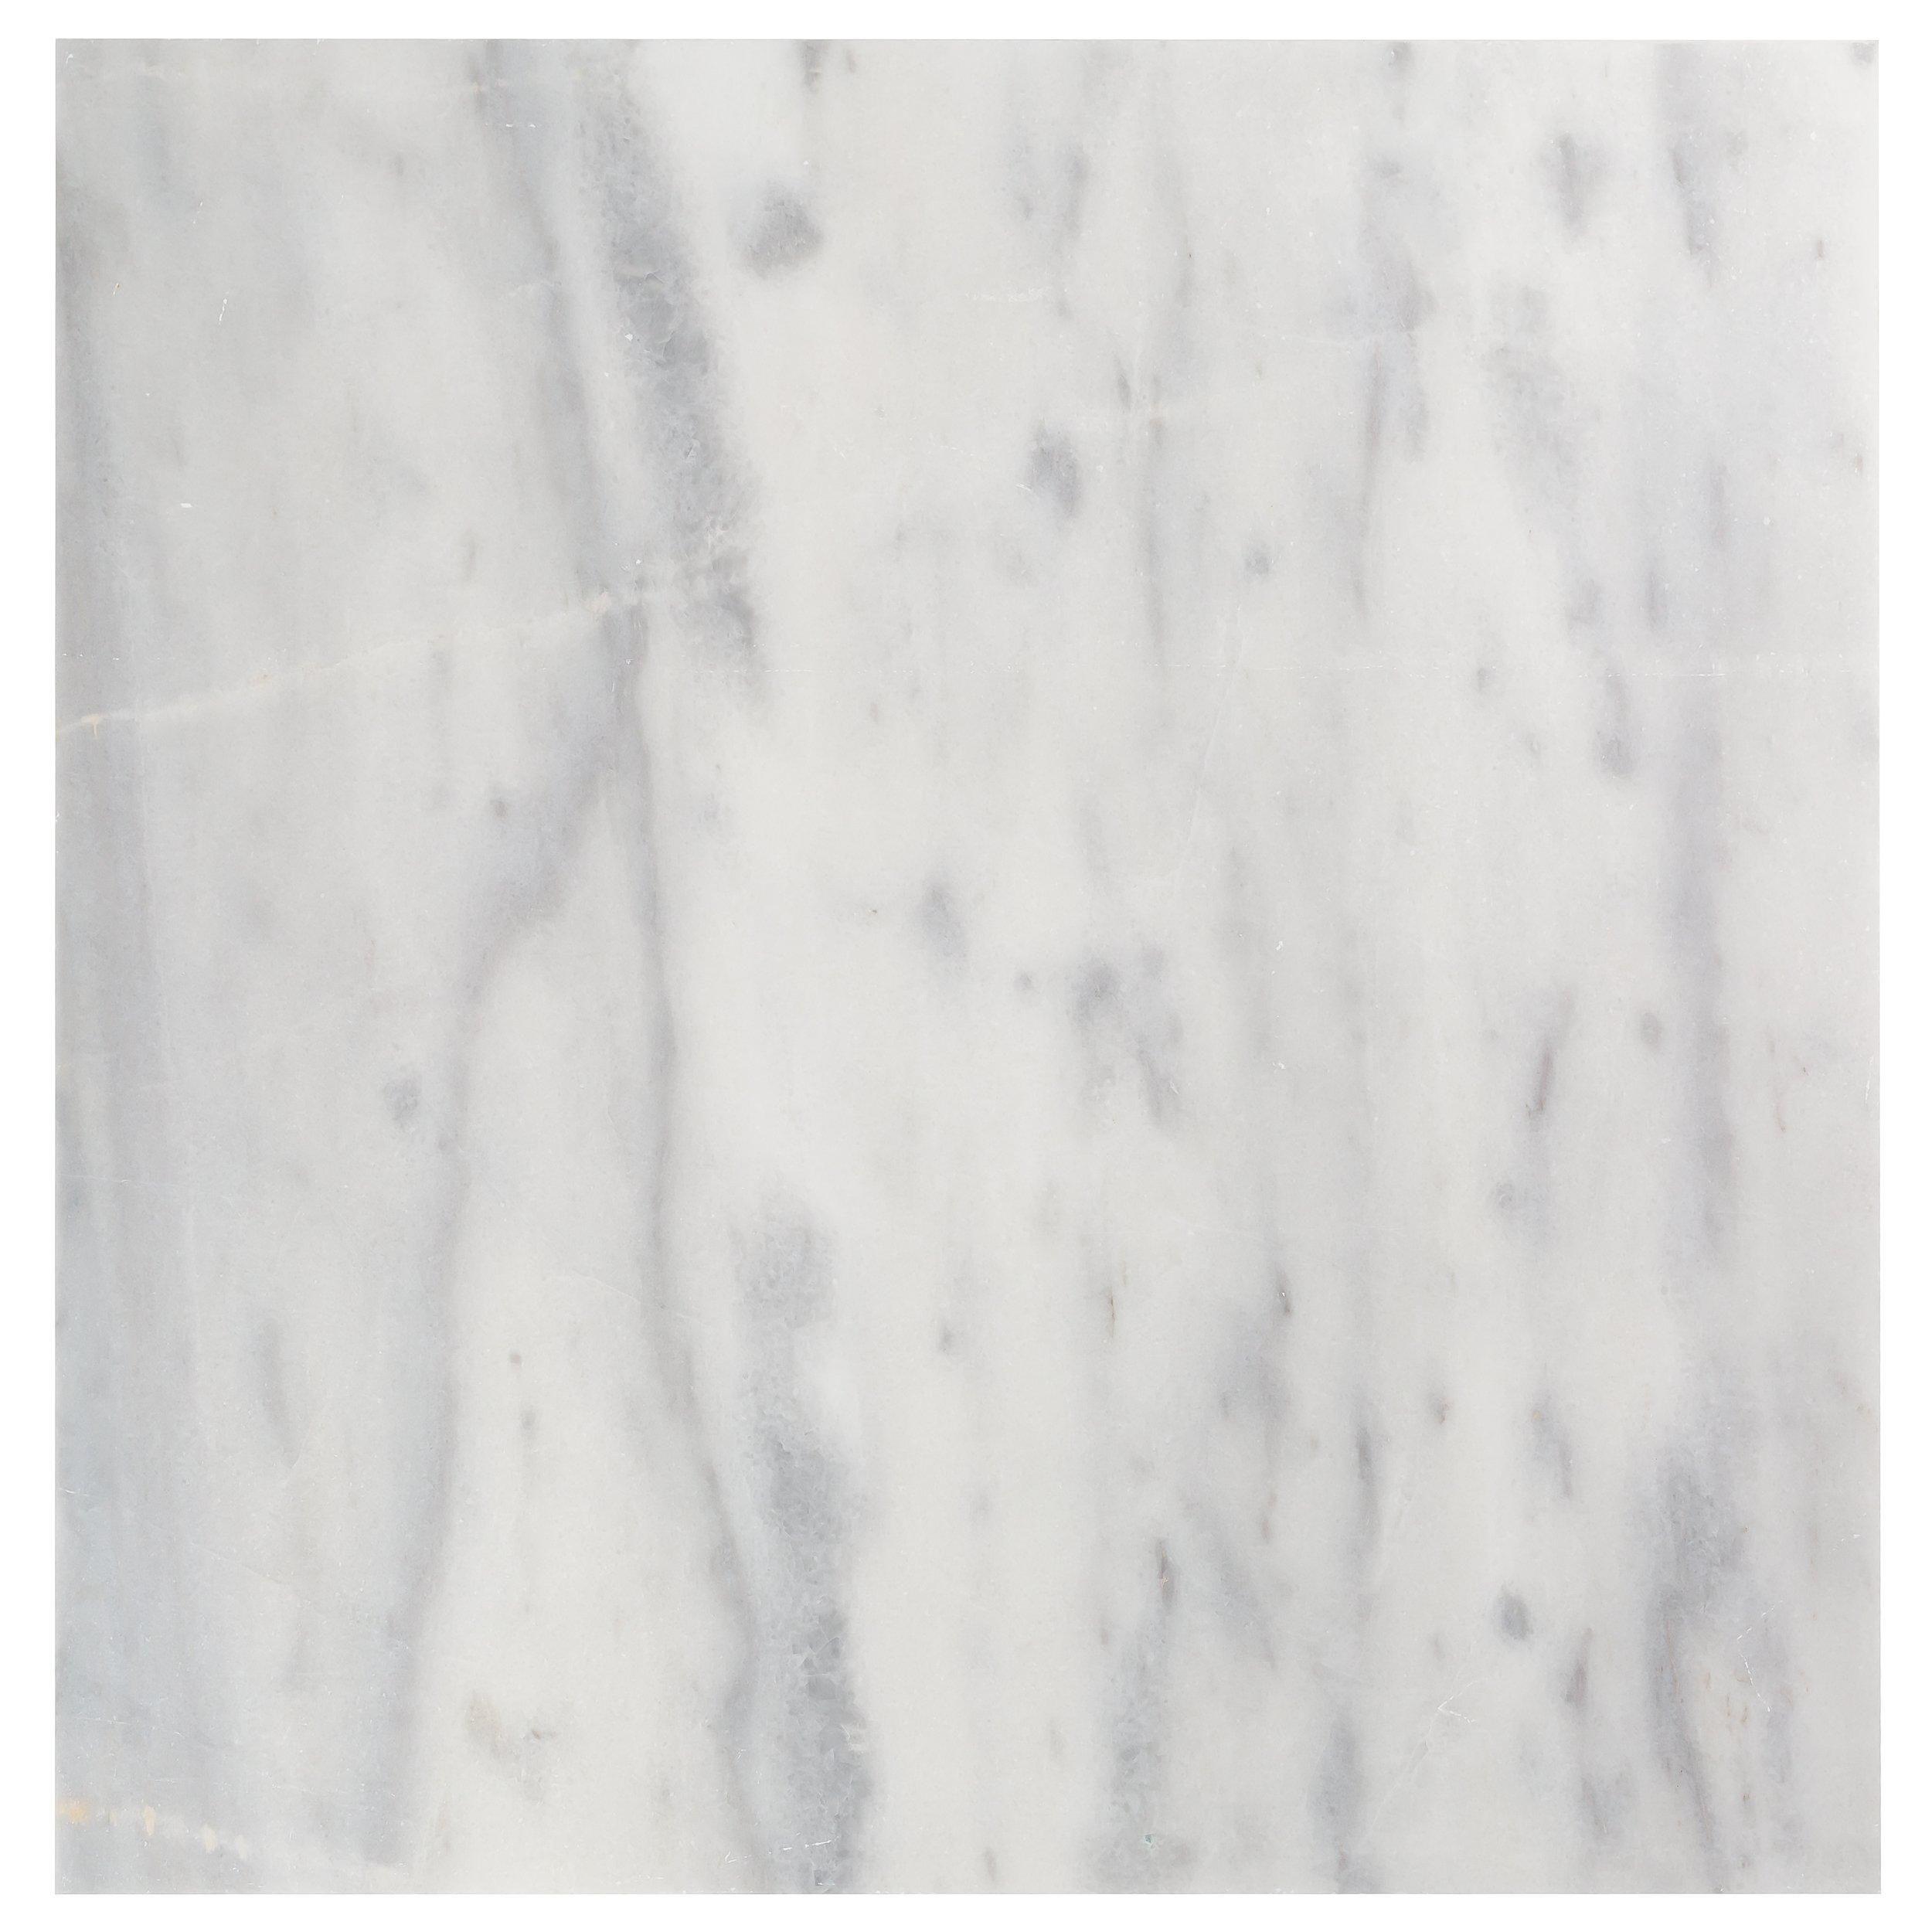 Aurora White Honed Marble Tile Honed Marble Tiles Honed Marble Polished Marble Tiles